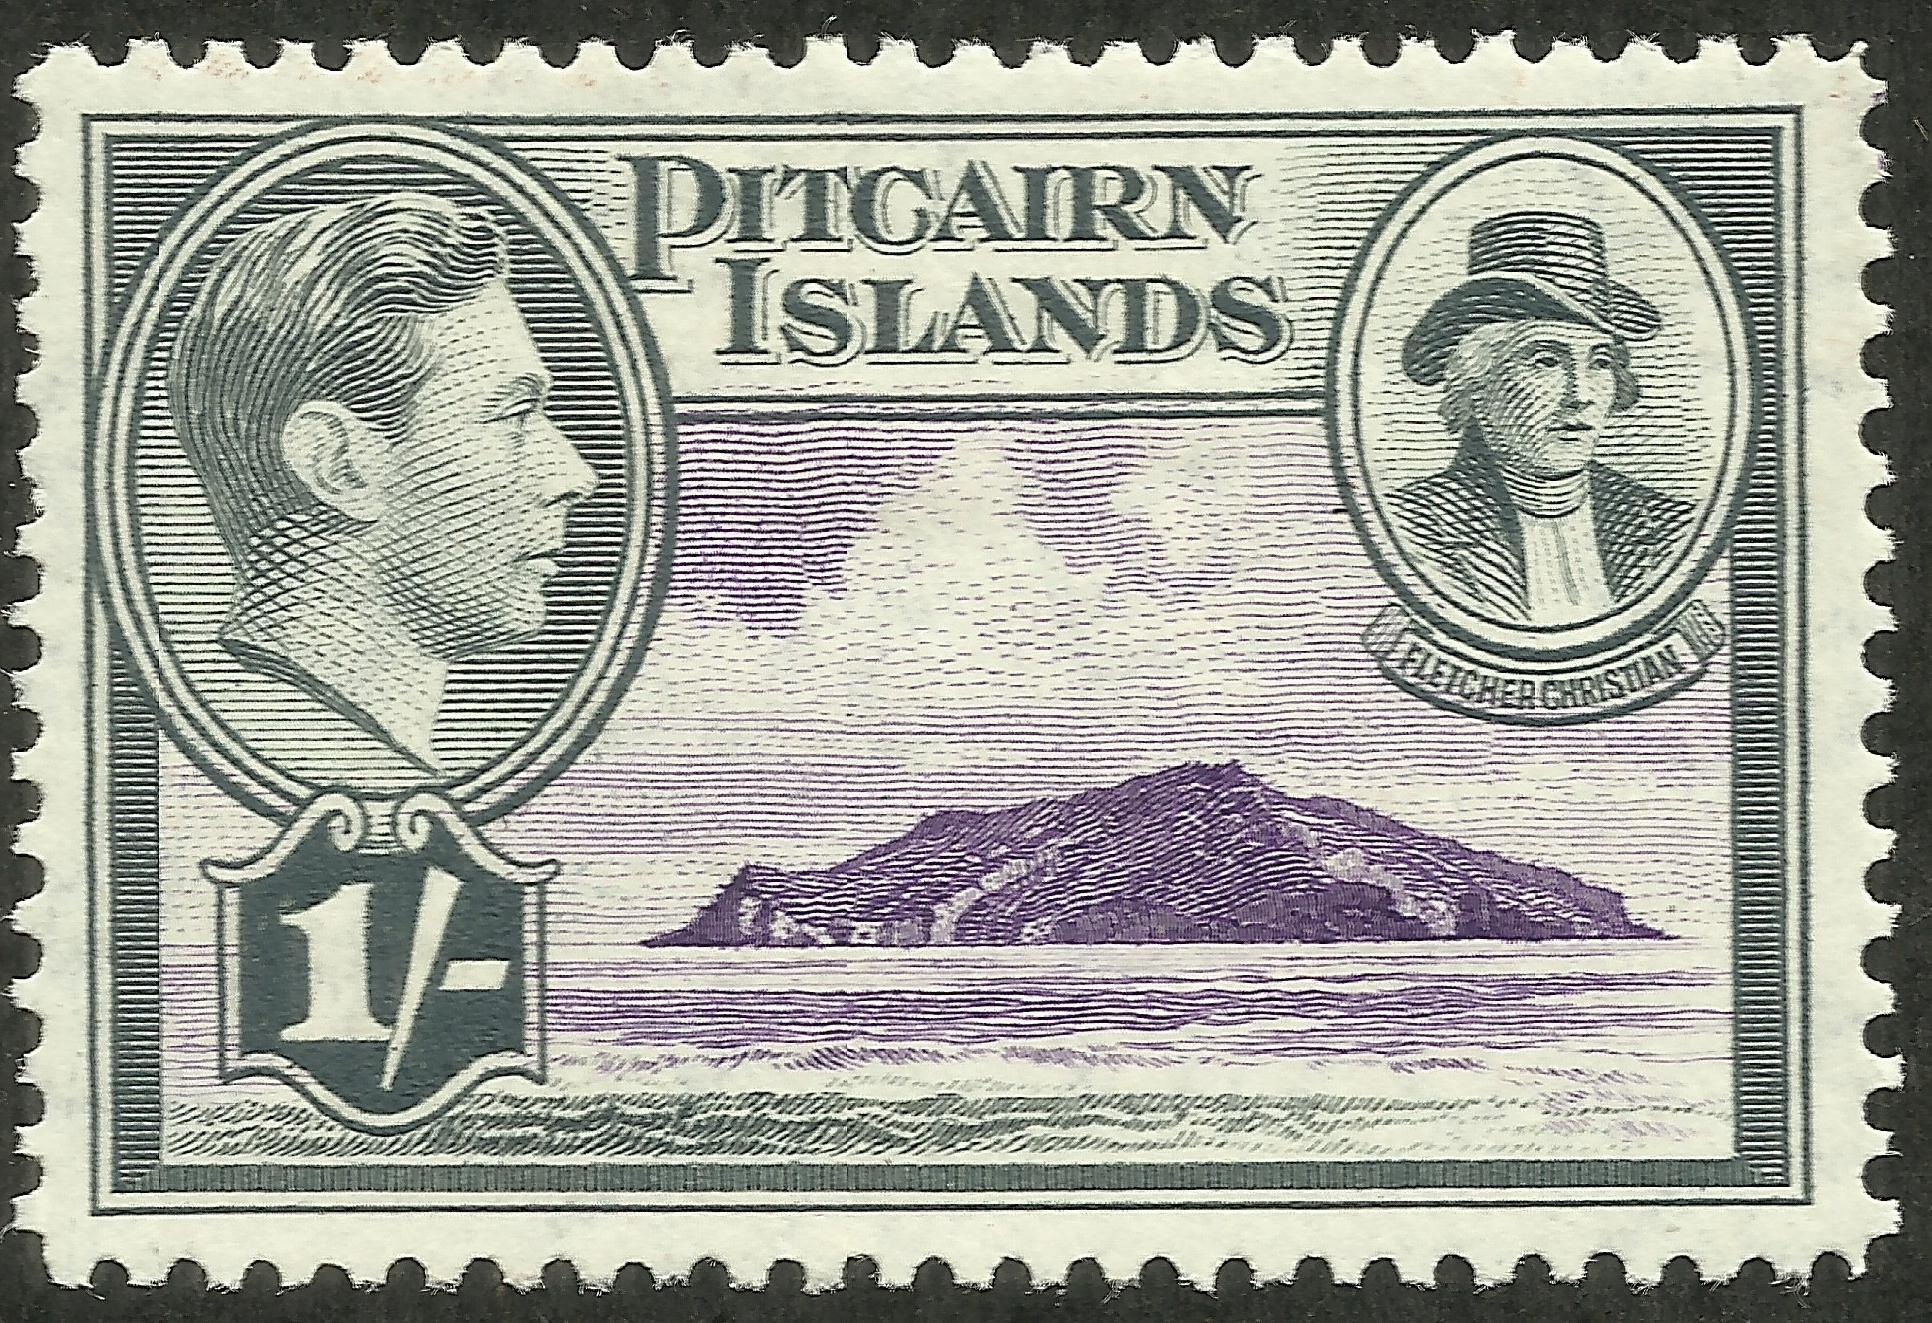 Pitcairn Islands - Scott #7 (1940)